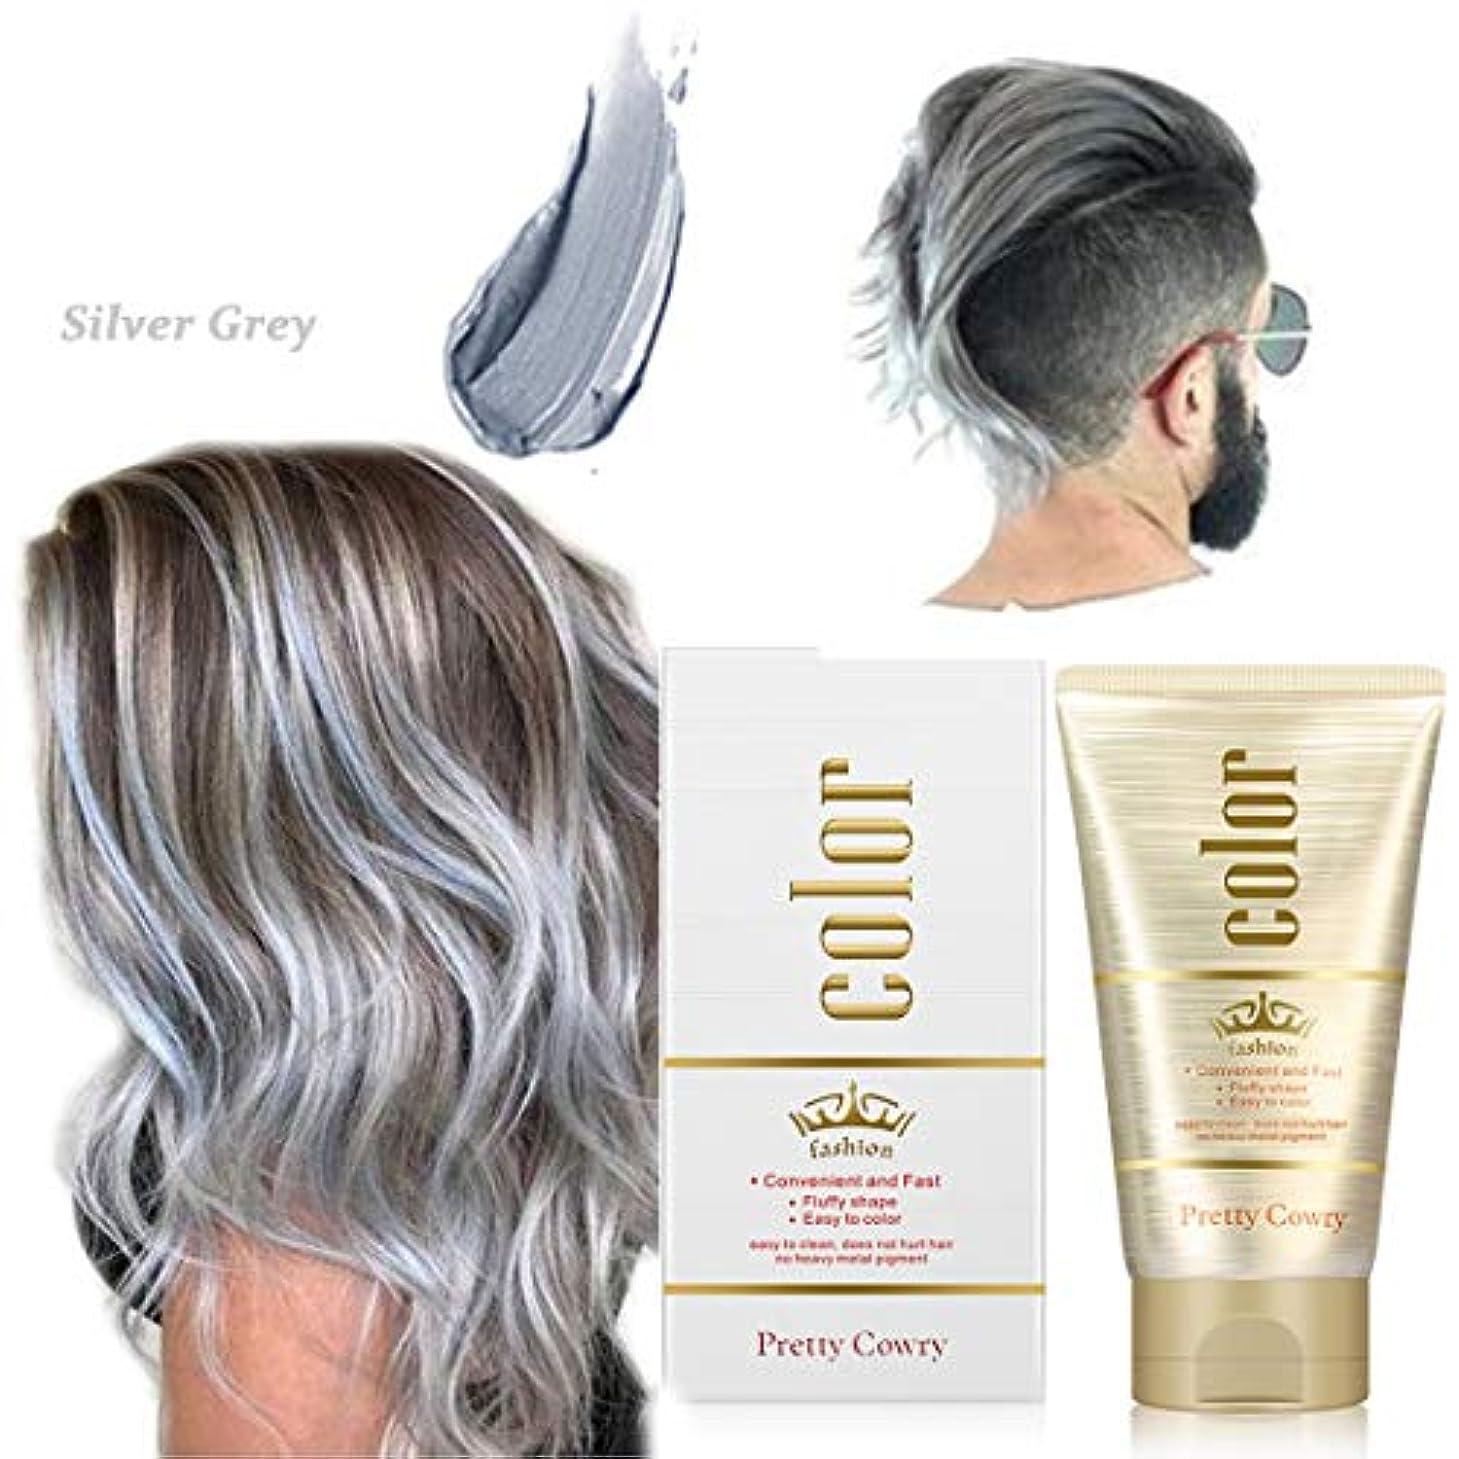 ブランチ健康的プレミア染めヘアワックス、ワンタイムカラースタイリング、スタイリングカラーヘアワックス、ユニセックス9色、diyヘアカラーヘアパーティー、ロールプレイング (Sliver grey)